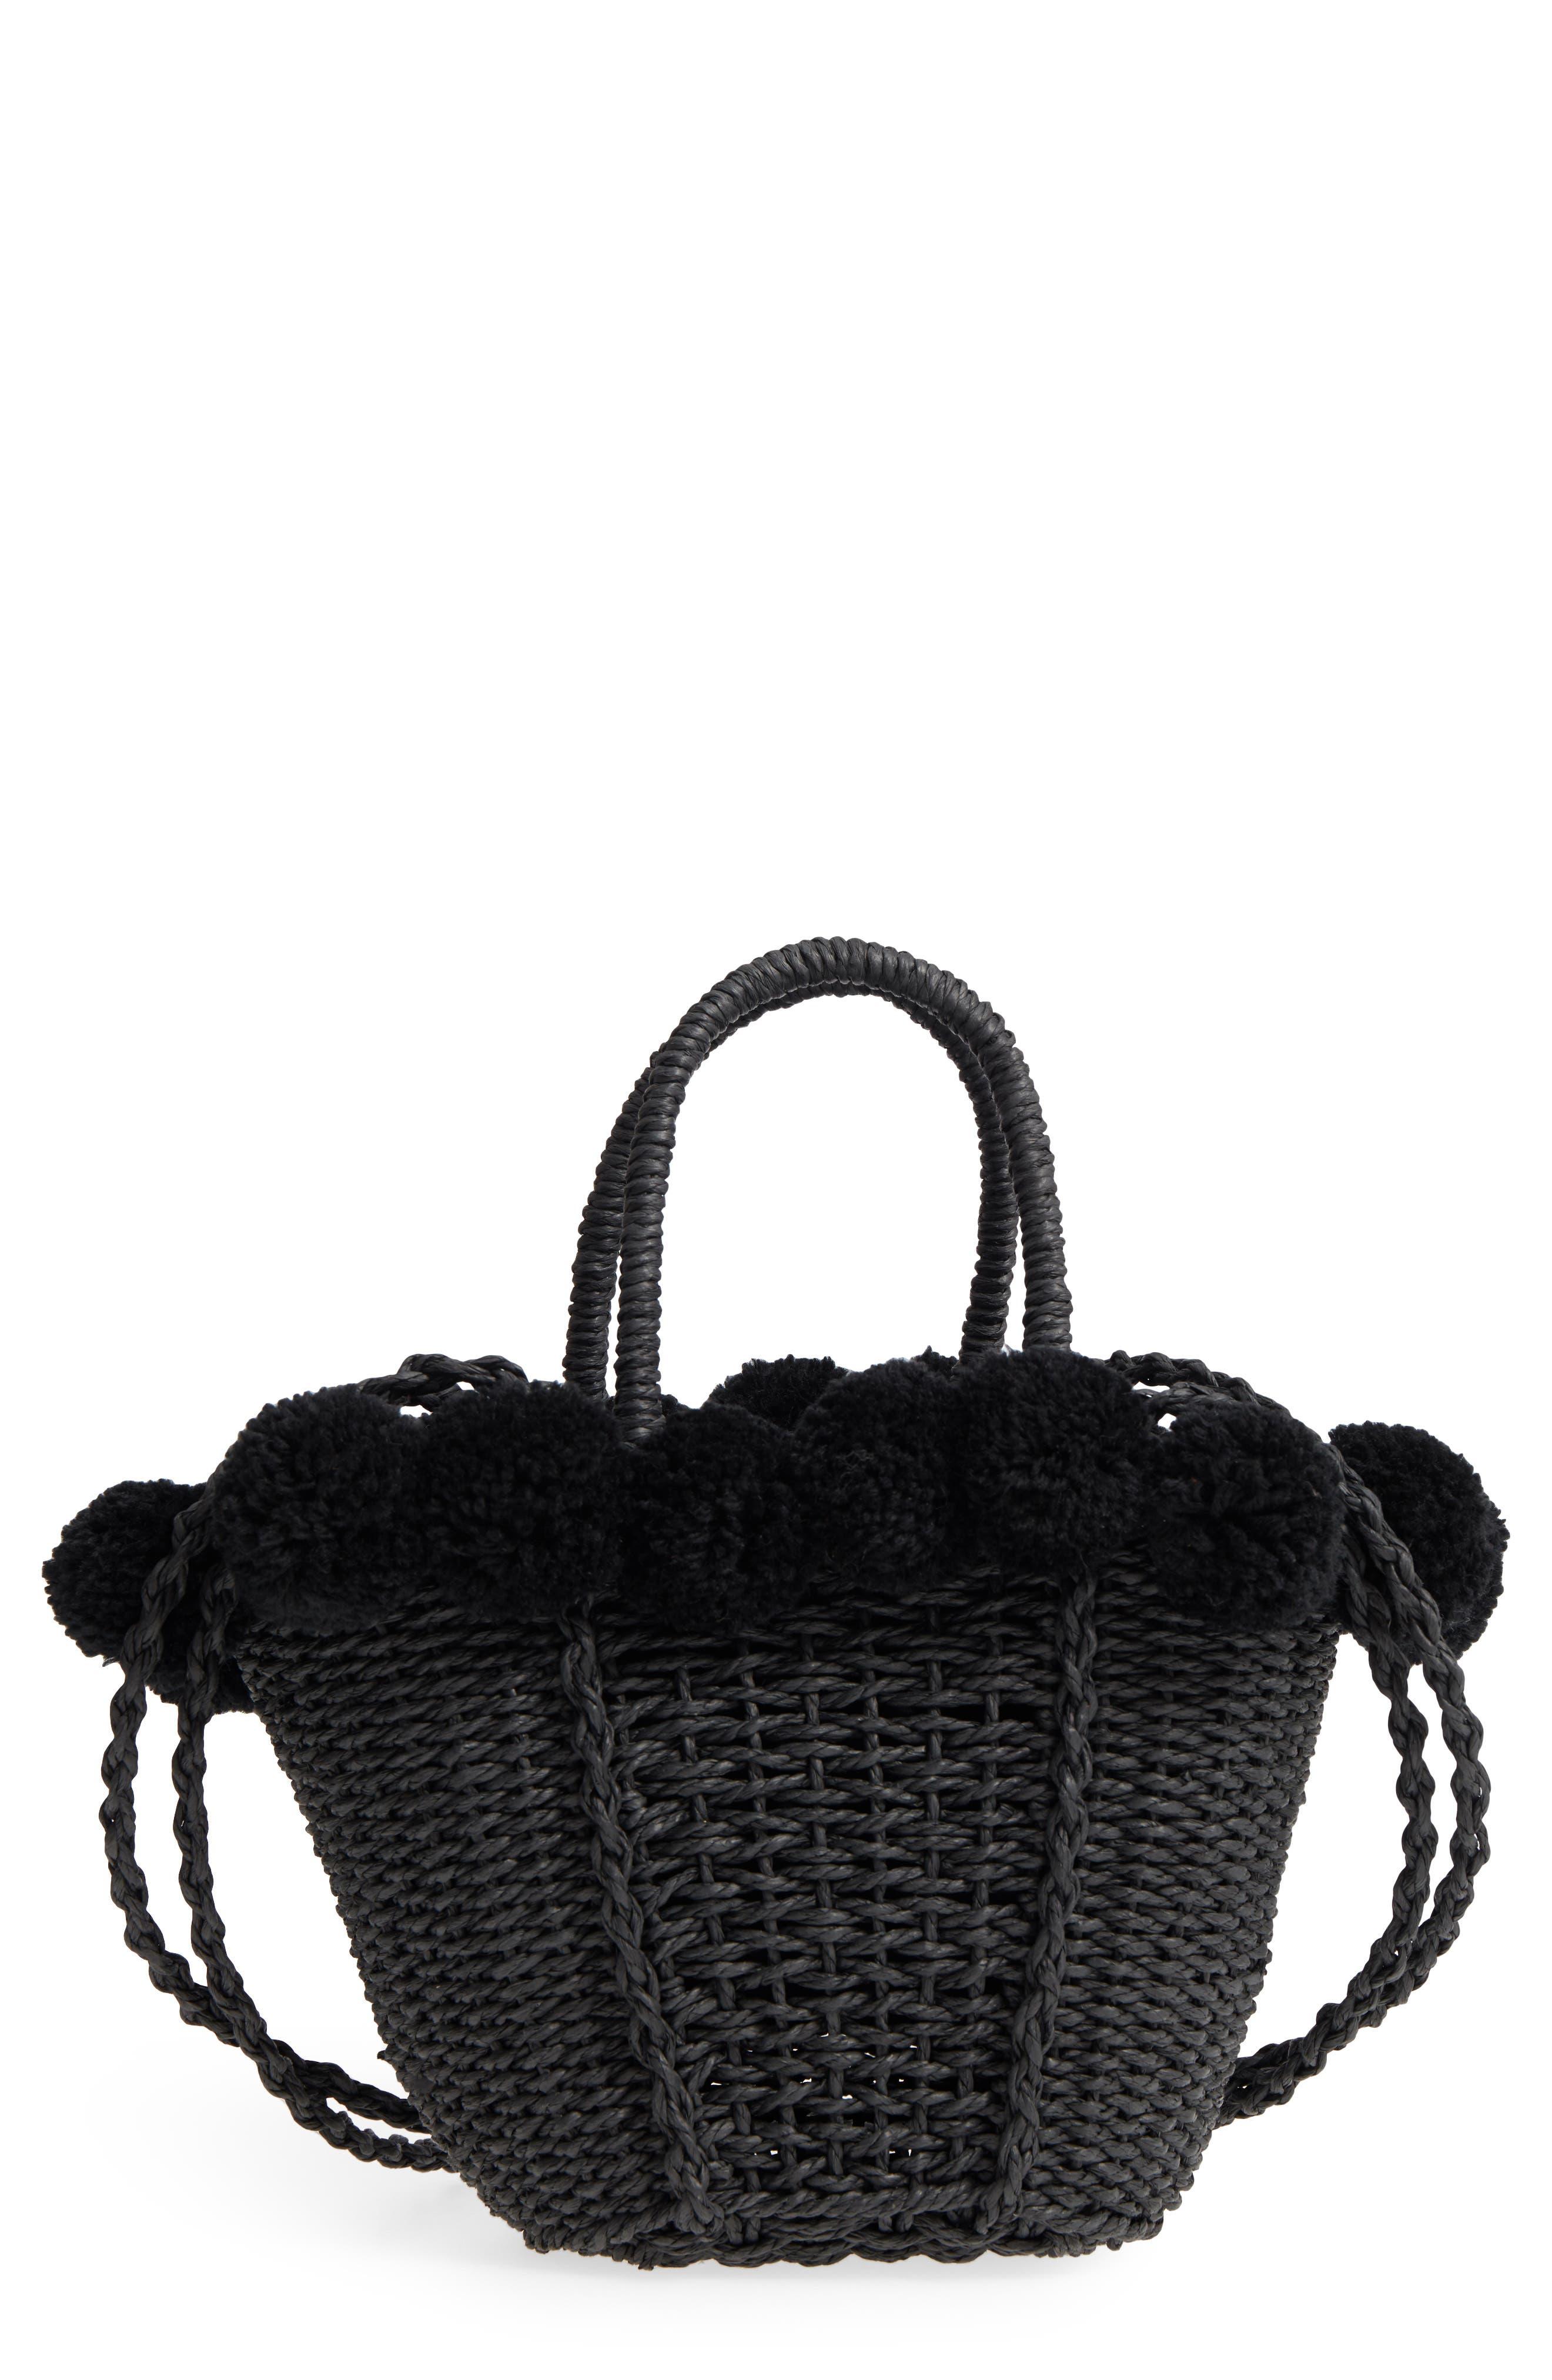 Sia Pom Straw Shopper Bag,                         Main,                         color, Black